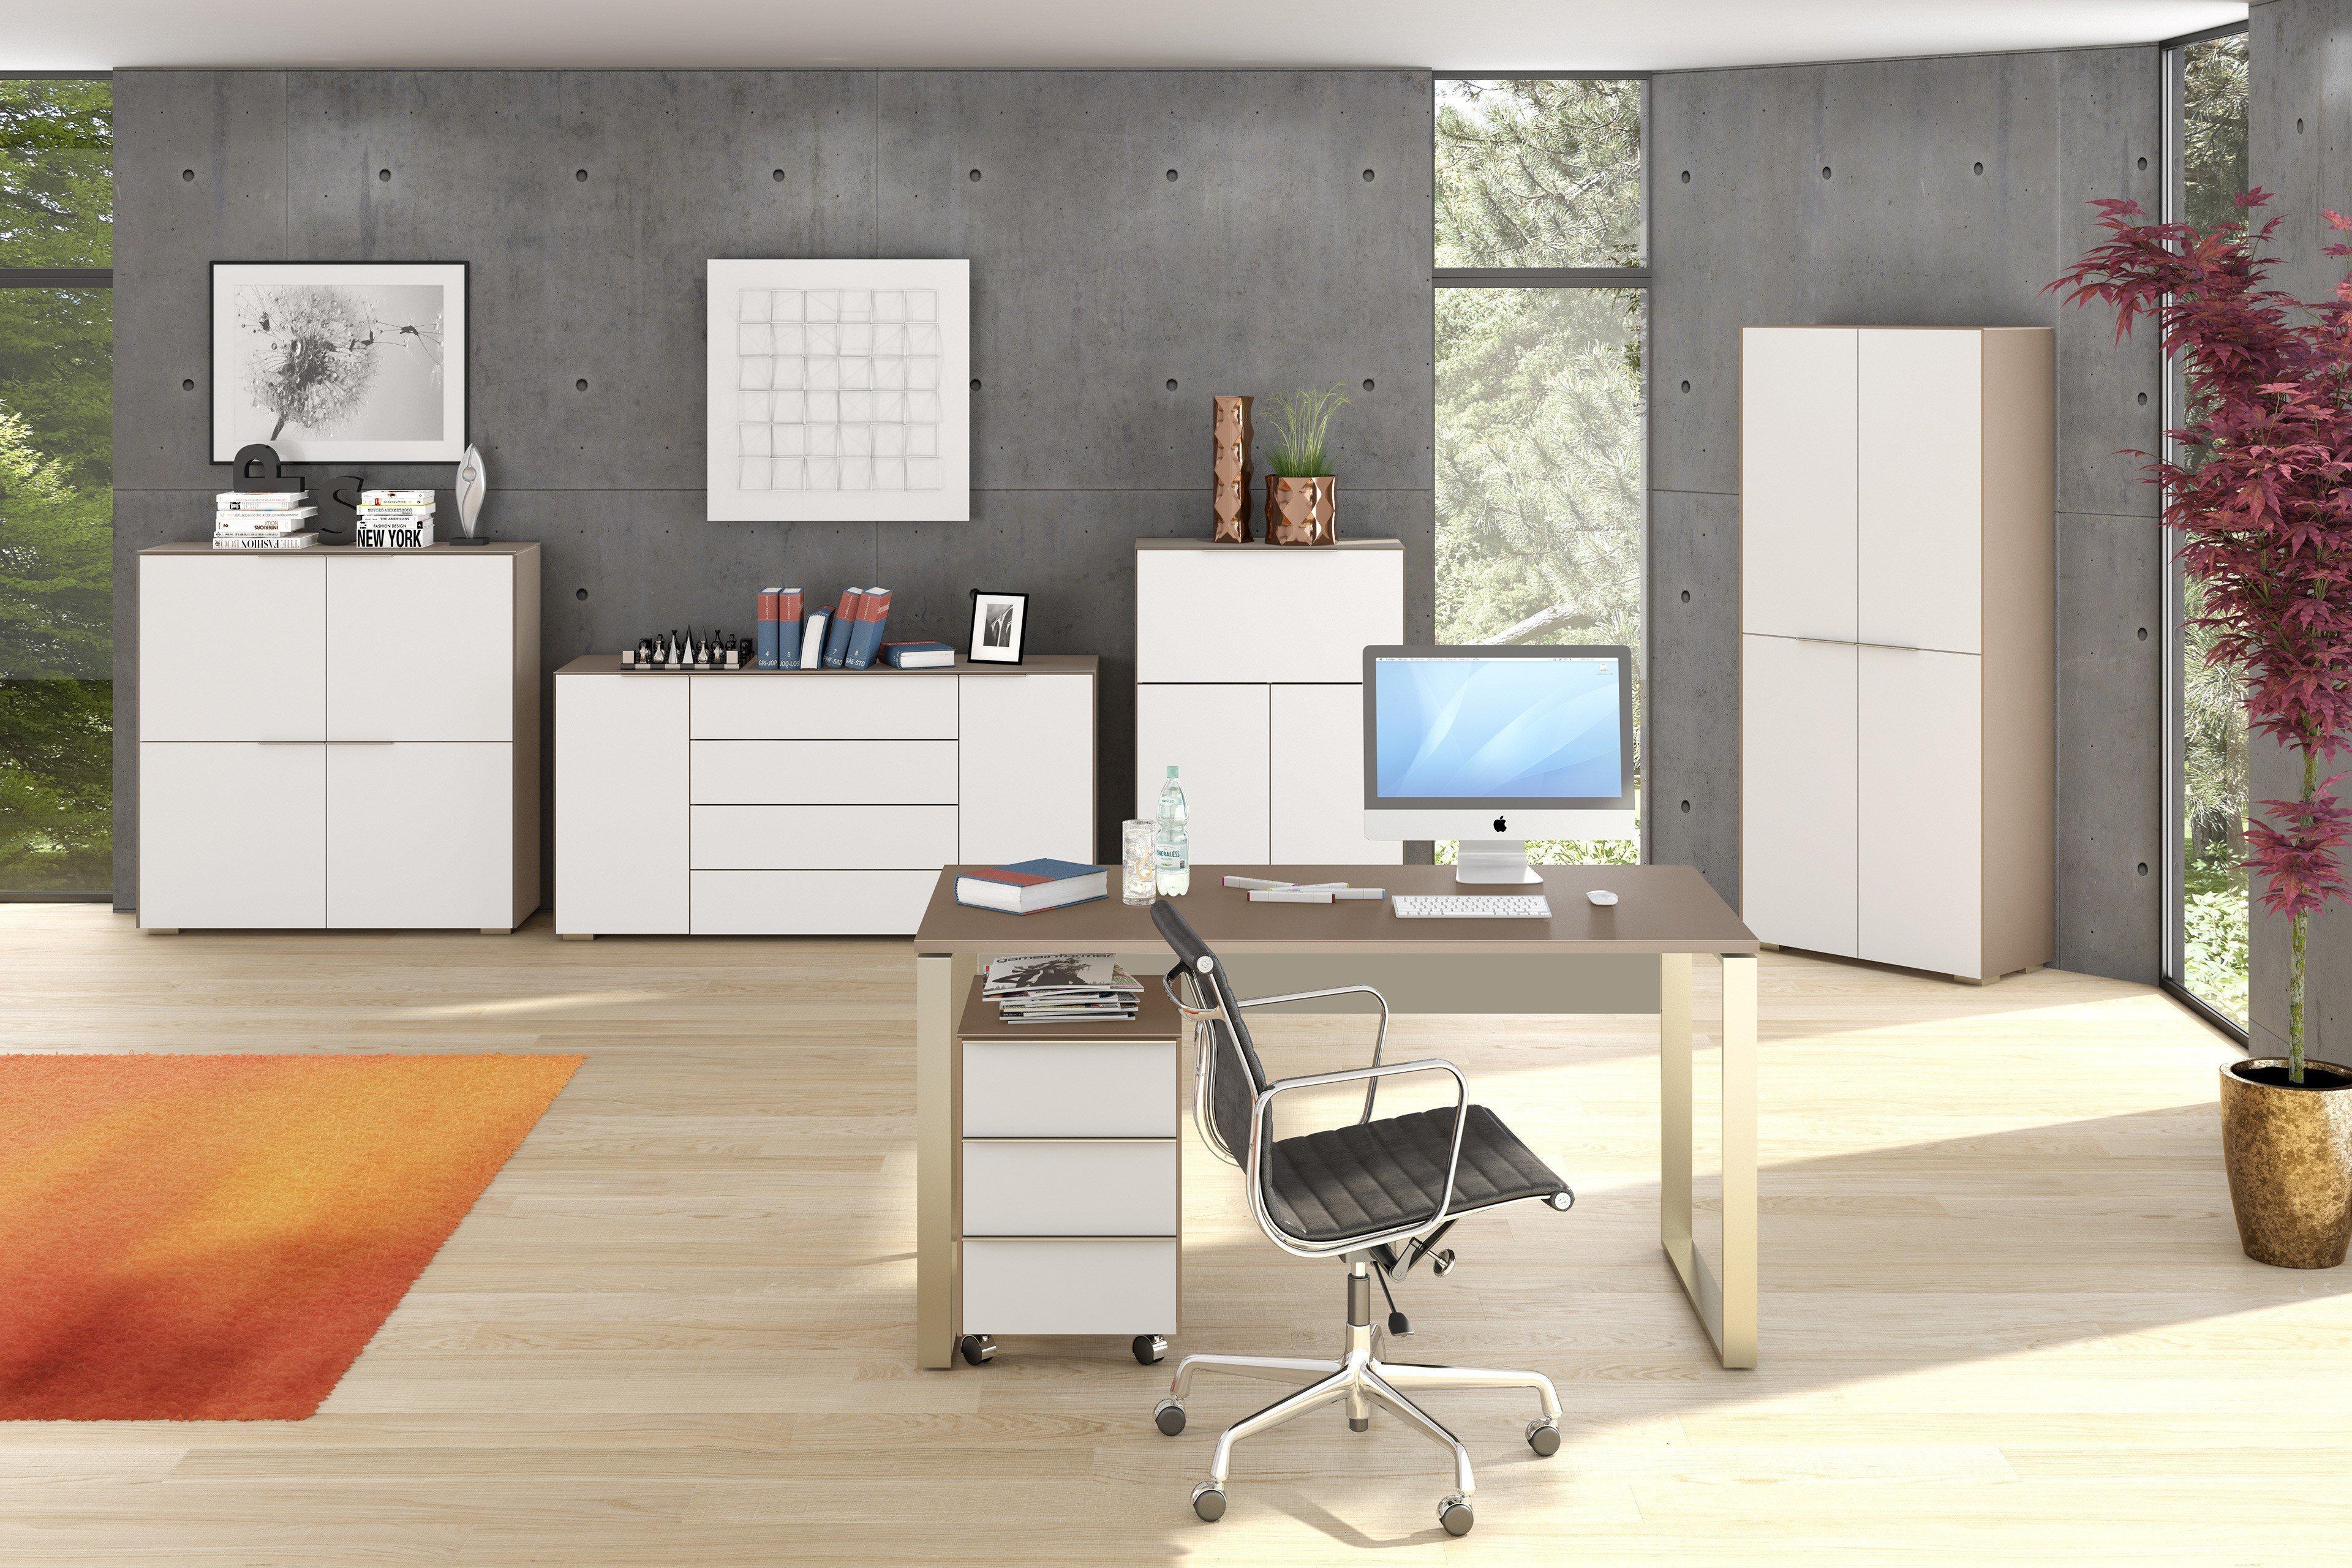 yas schreibtisch von maja b rom bel wei glas sand m bel letz ihr online shop. Black Bedroom Furniture Sets. Home Design Ideas